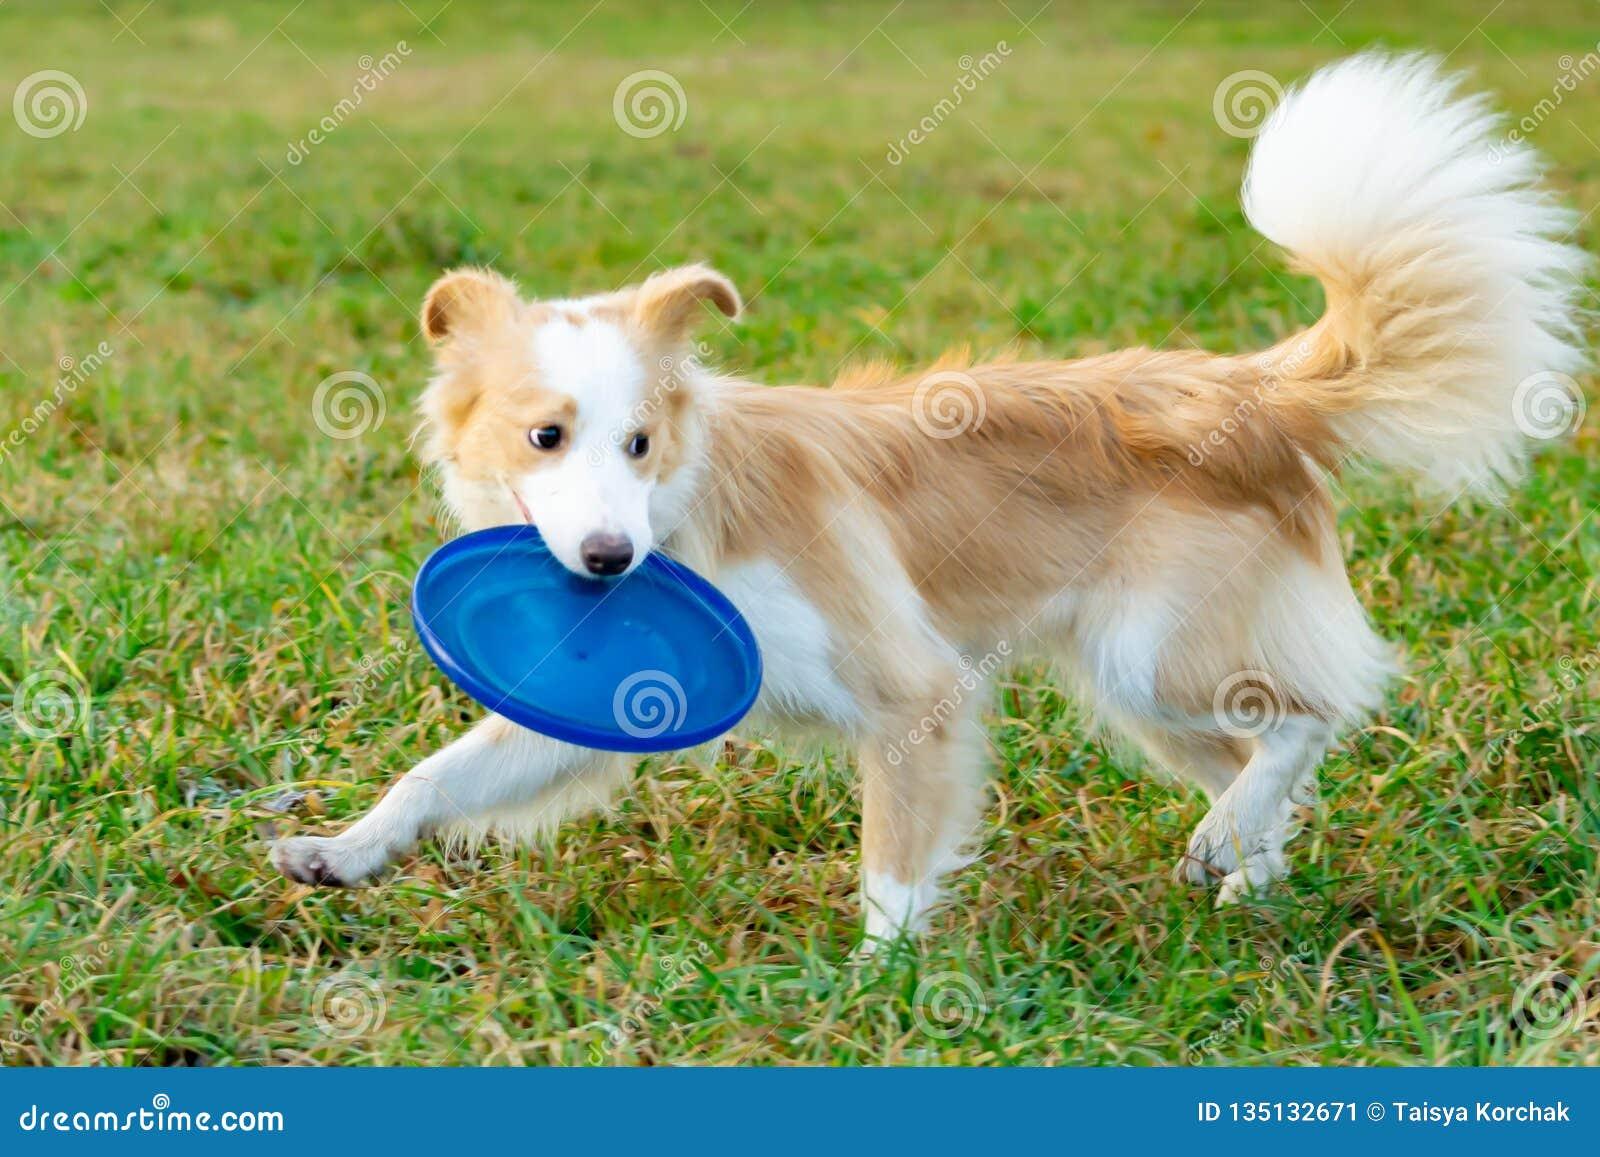 Border collie El perro coge el disco volador simultáneamente El animal doméstico juega con su dueño